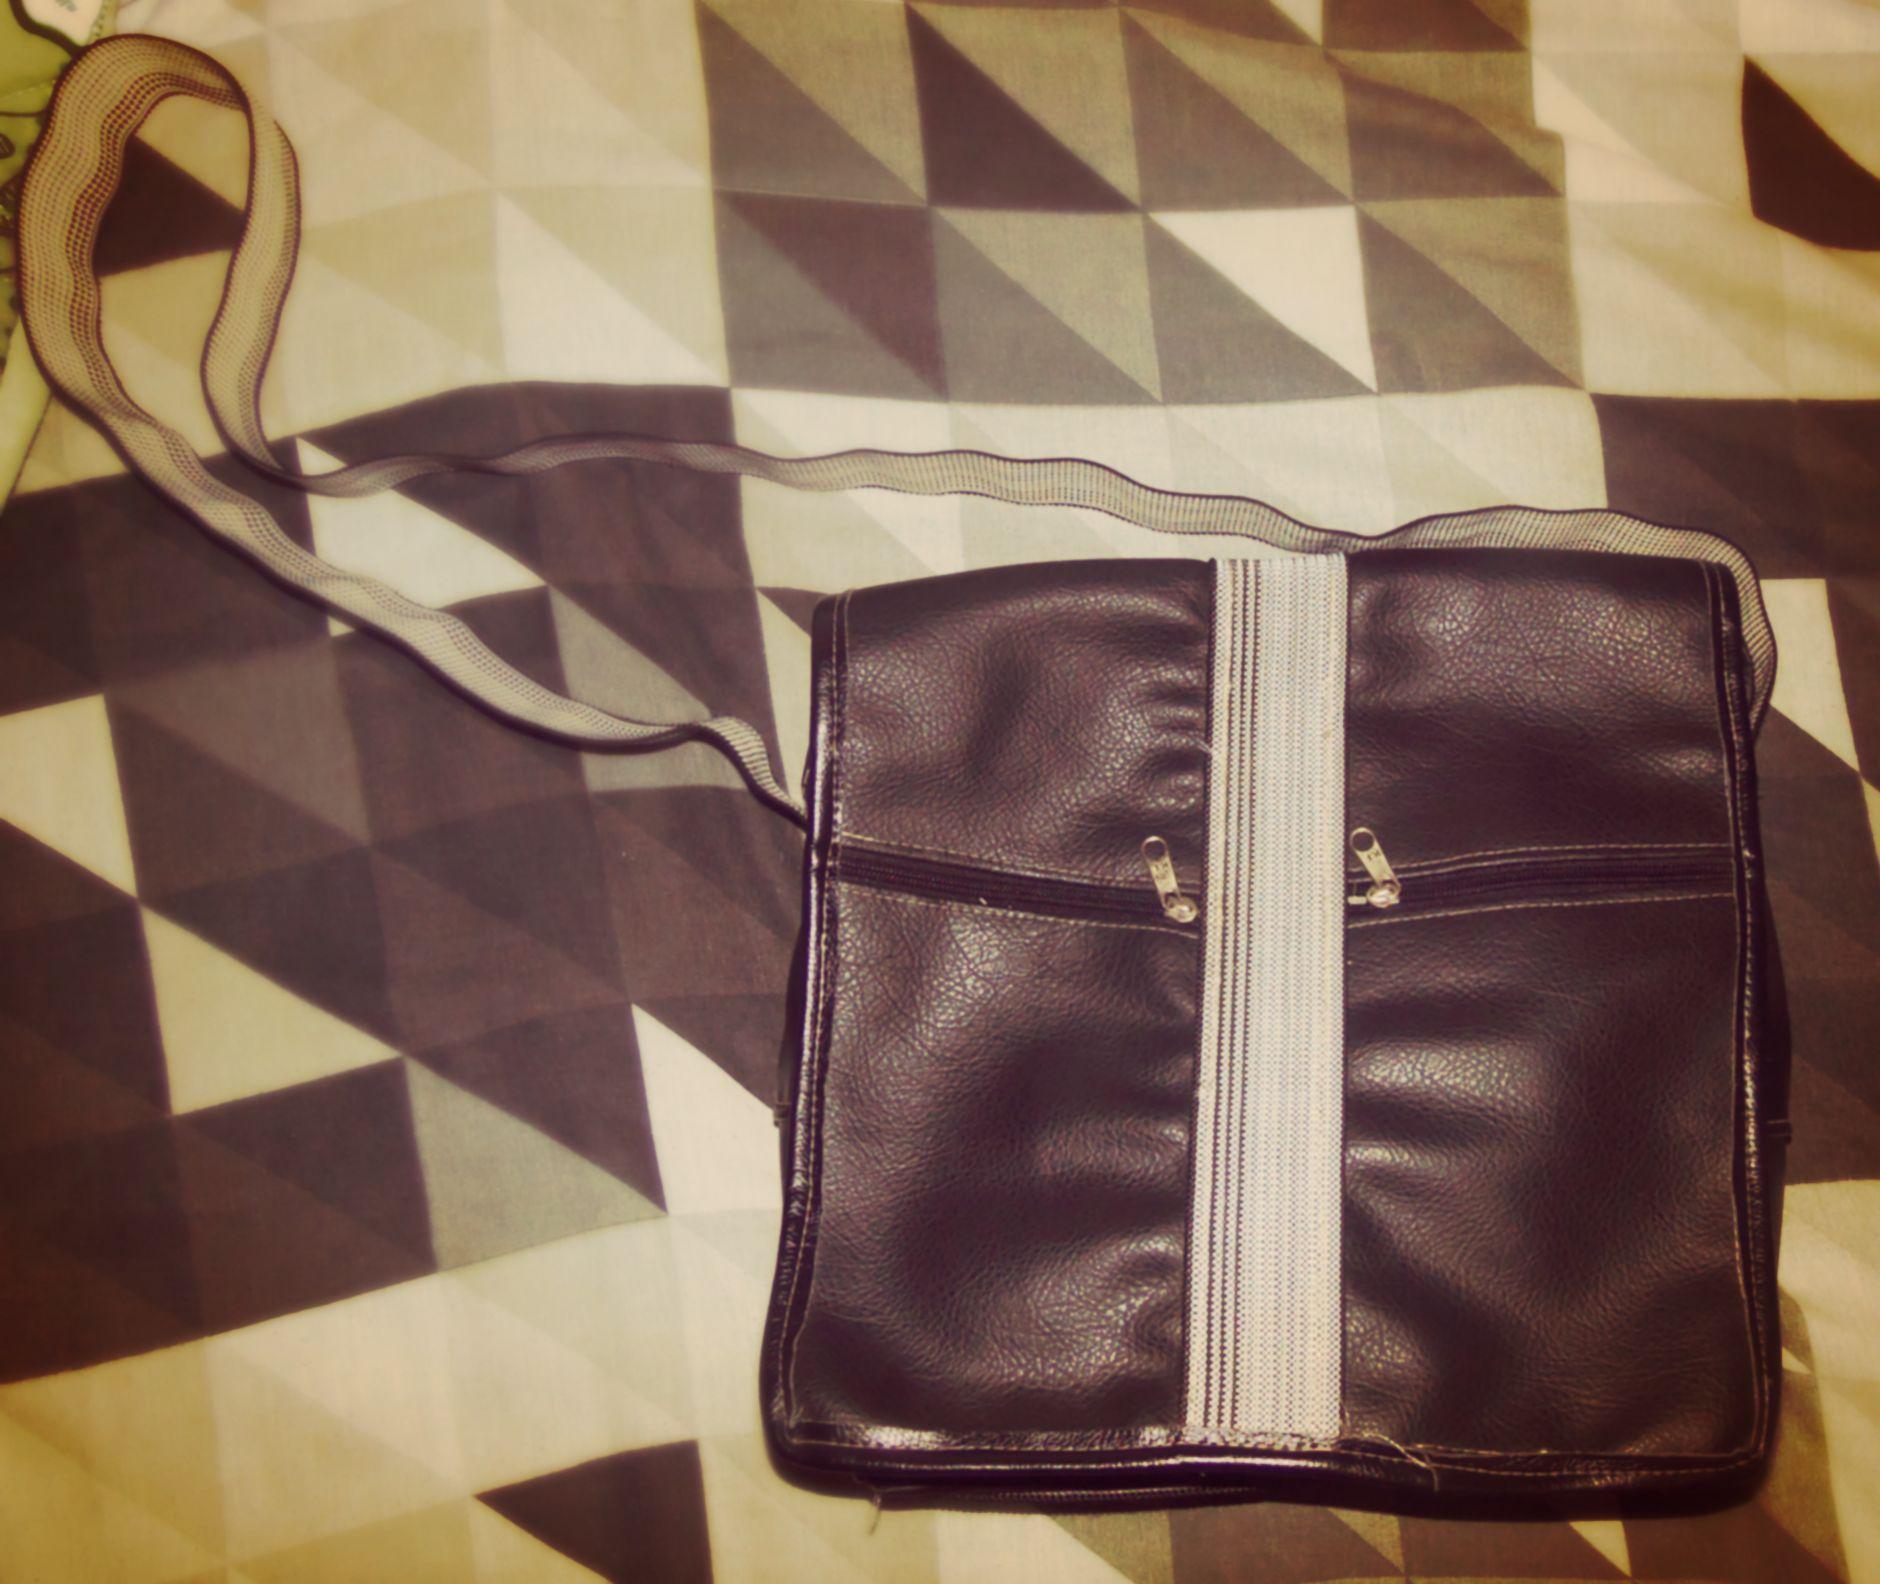 Essa bolsa criei a 1 ano atrás mais ou menos. Toda minha família já trabalhou com costura. Eu aprendi desde cedo.Ano passado resolvi comprar alguns materiais e criei essa 2 bolsas .Essa é uma delas , esse ano 2014 mexendo no guarda roupa achei ela . Agora voltei a usar.  #bag #bolsa #bolsamasculina #2013 #2014